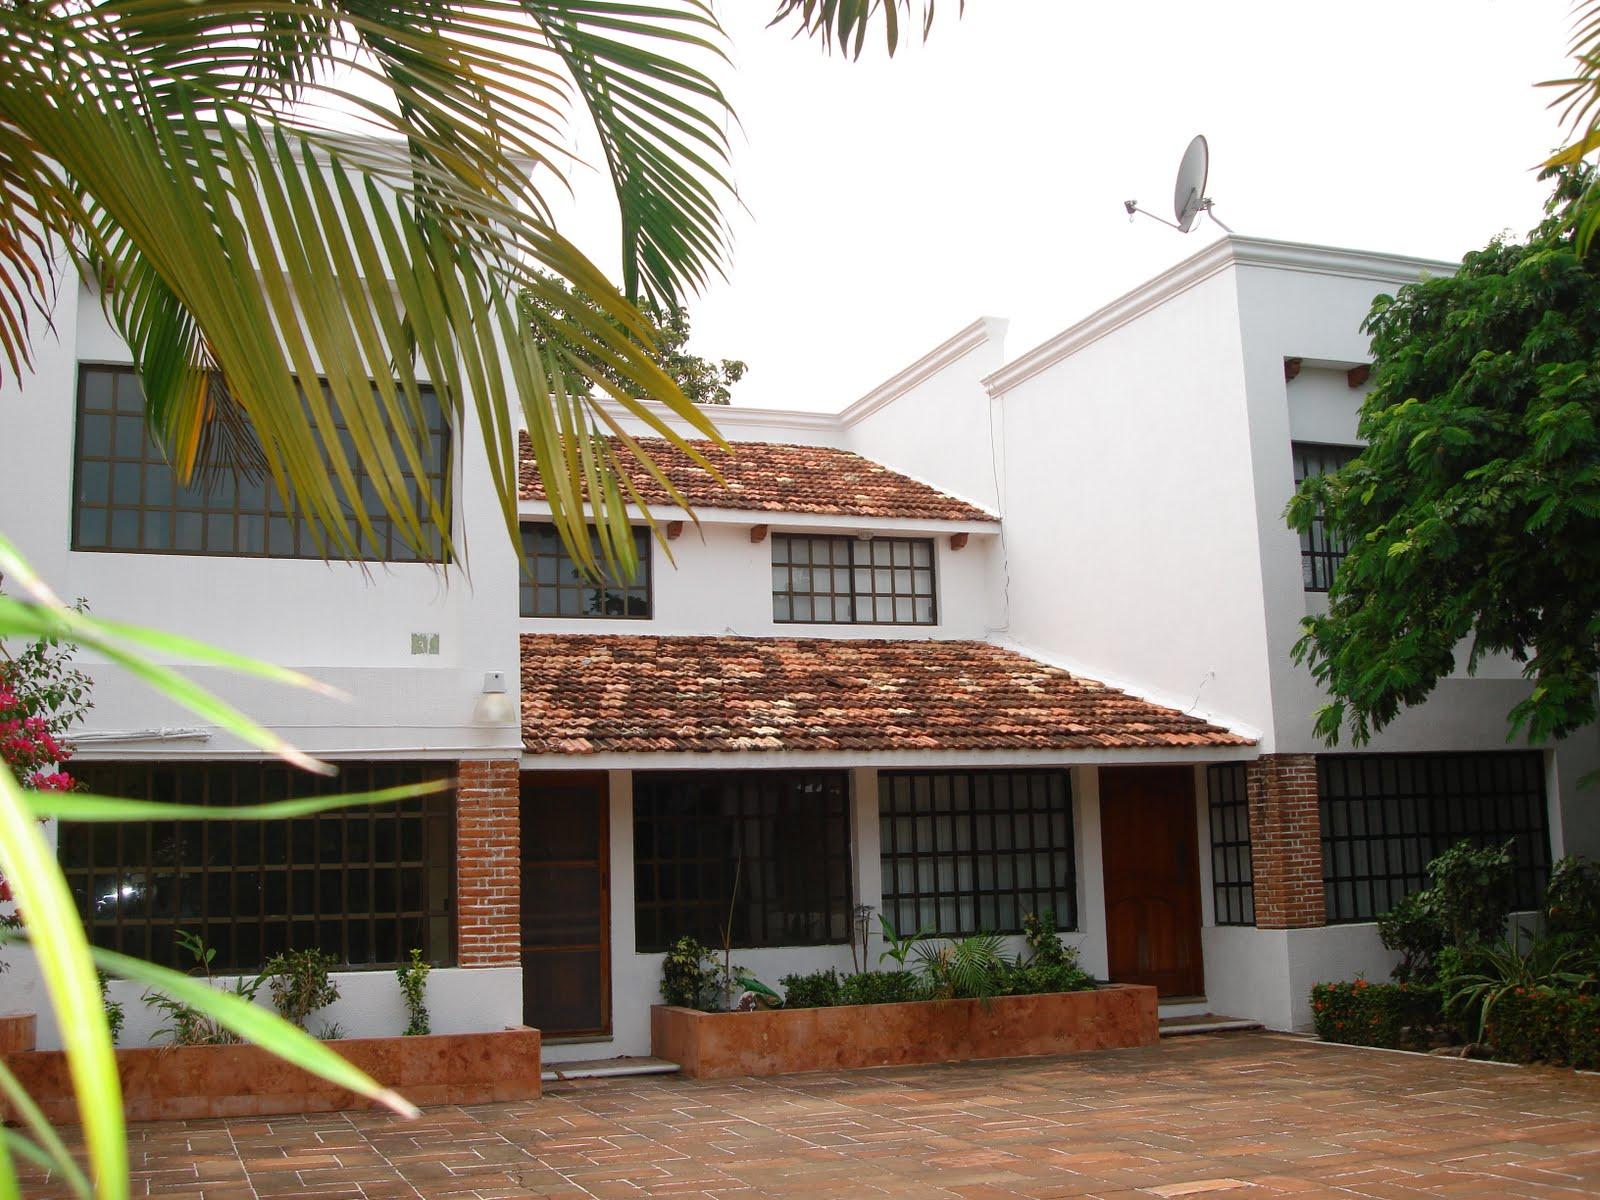 Share bienes raices casas campiranas en renta for Alquiler casa en umbrete sevilla